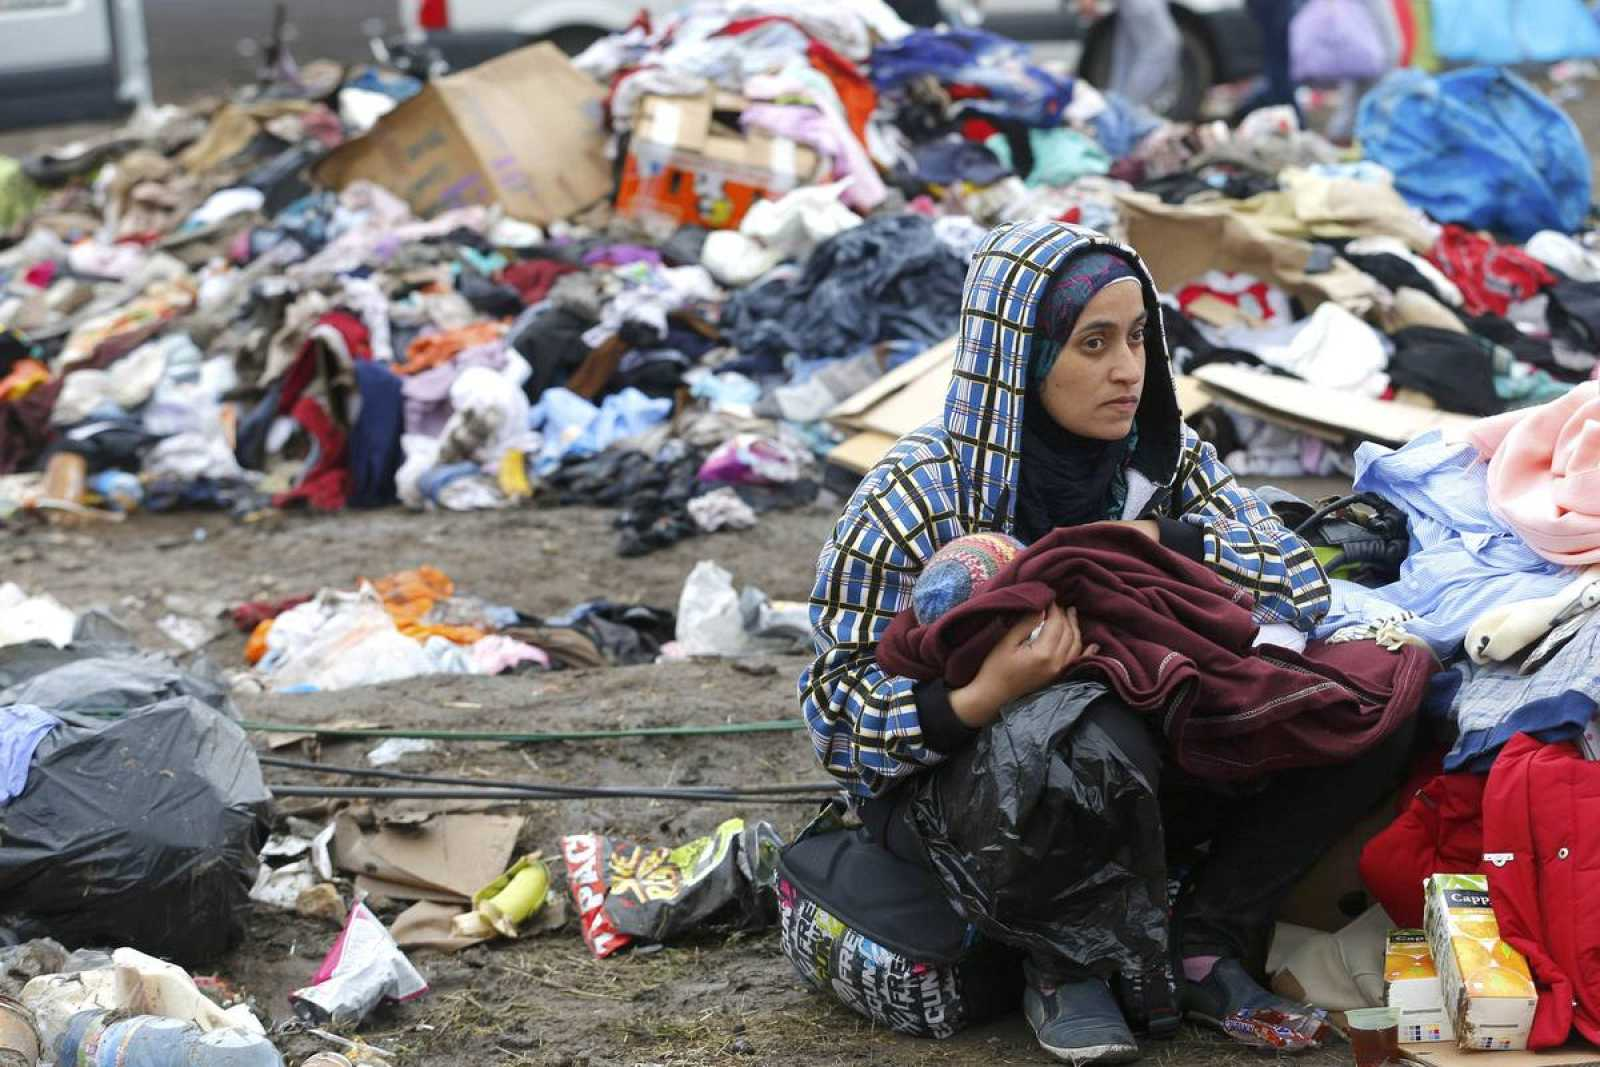 Una migrante da el pecho a su hijo rodeada de una pila de basura en un campo de refugiados en Roszke, Hungría